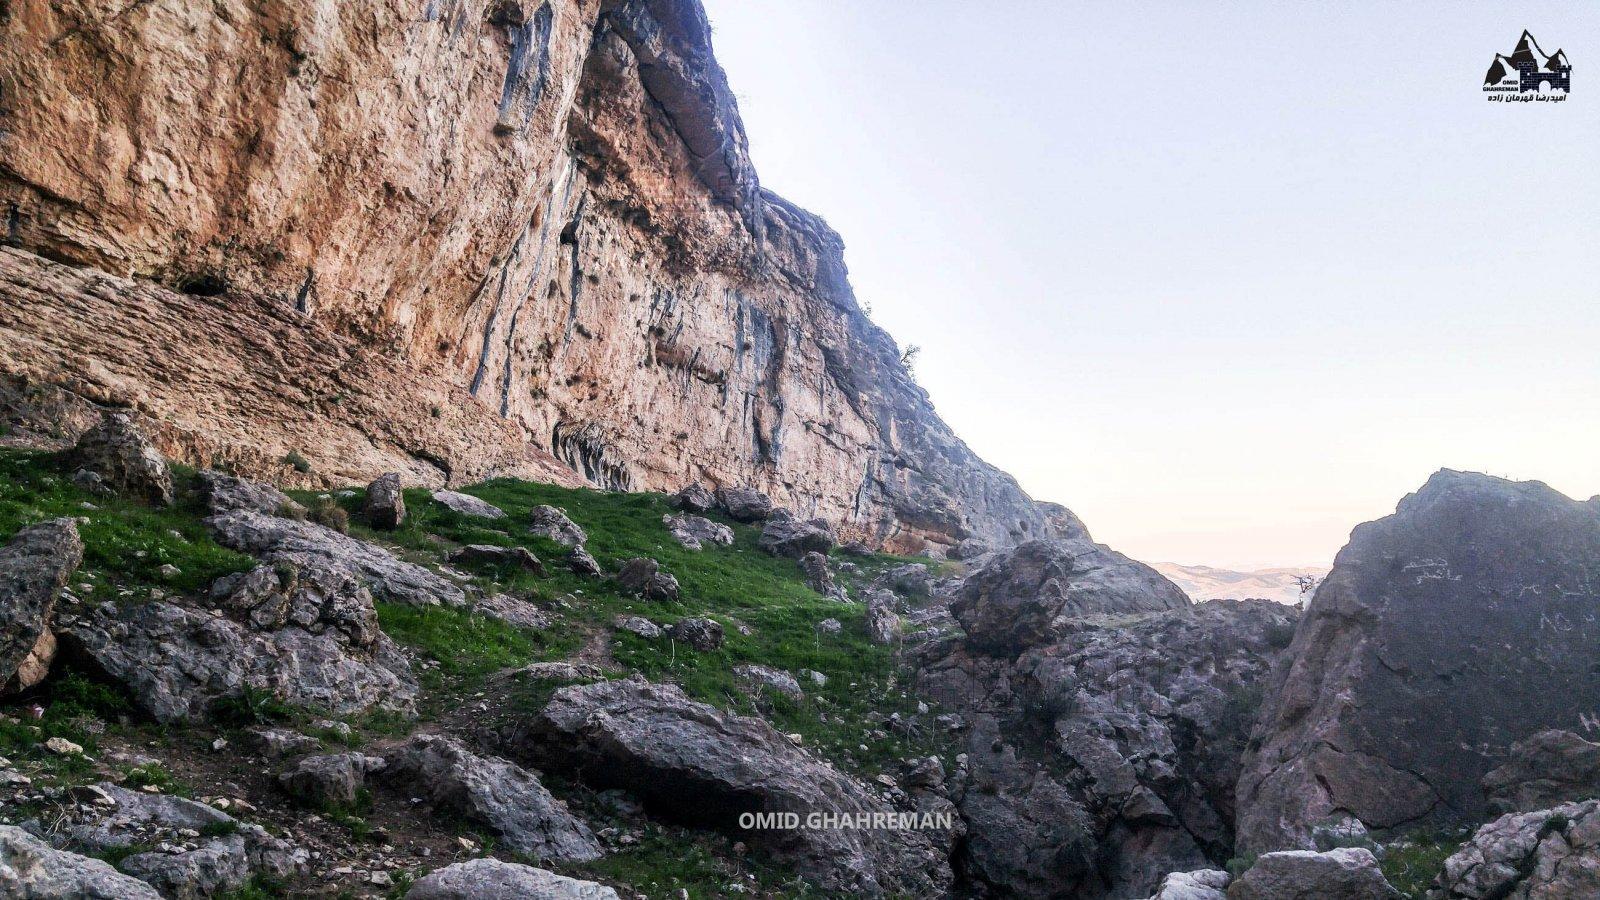 کوههای زیبای شهر ماکو روستای رند